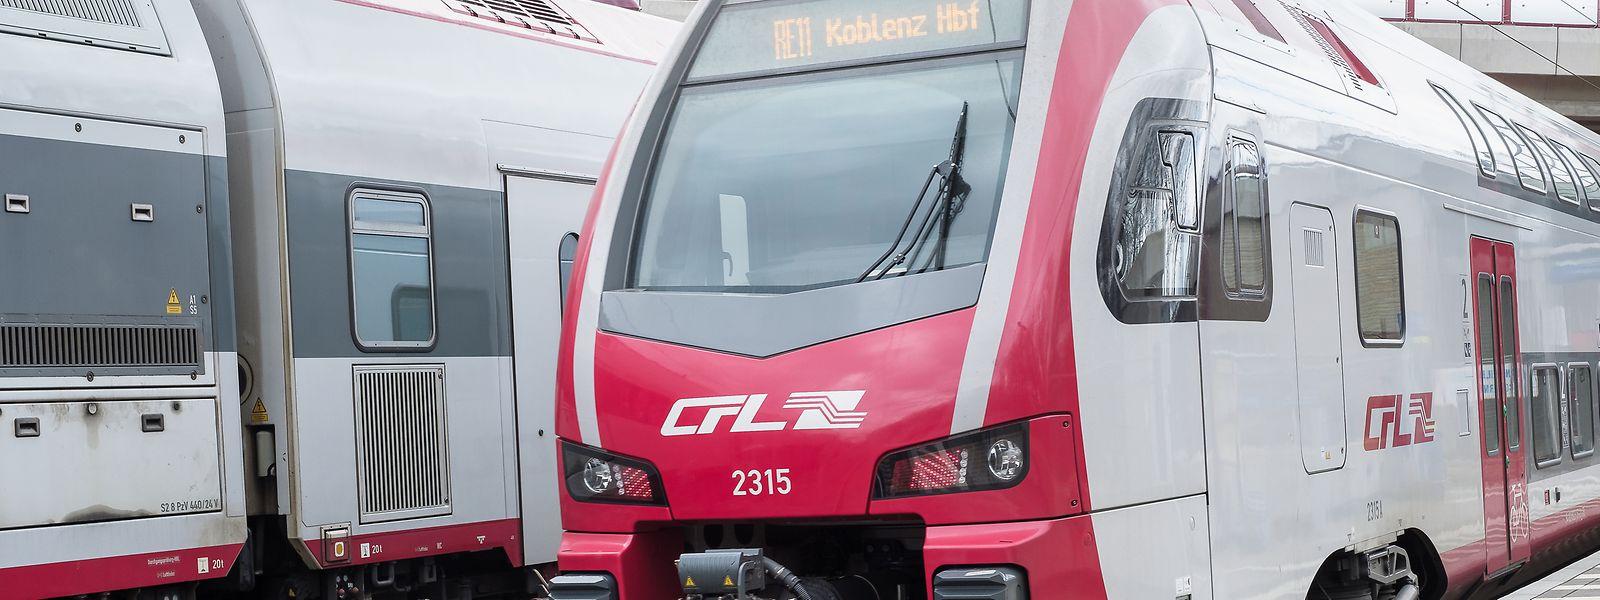 Avec la gratuité instaurée en mars 2020, difficile pour les CFL de savoir combien de passagers prennent place dans les rames. En attendant une aide technologique...